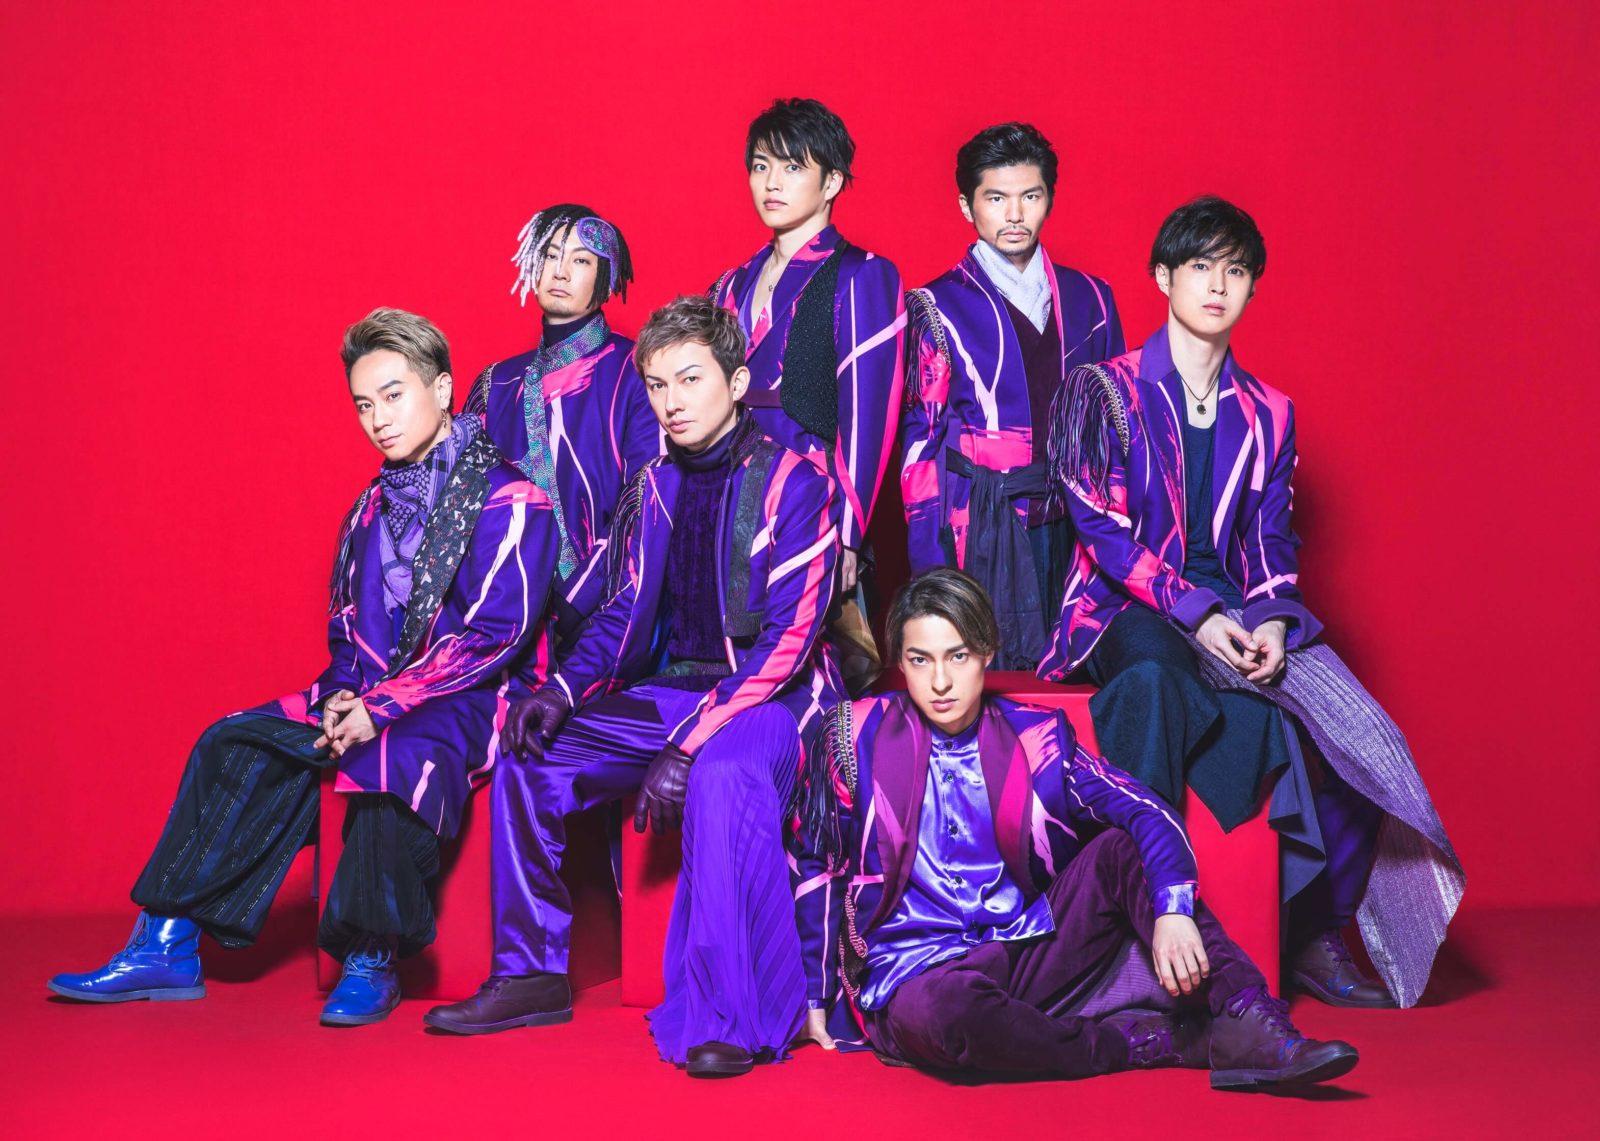 DA PUMP、17年10カ月ぶりとなる大阪城ホール公演がWOWOWで独占生中継サムネイル画像